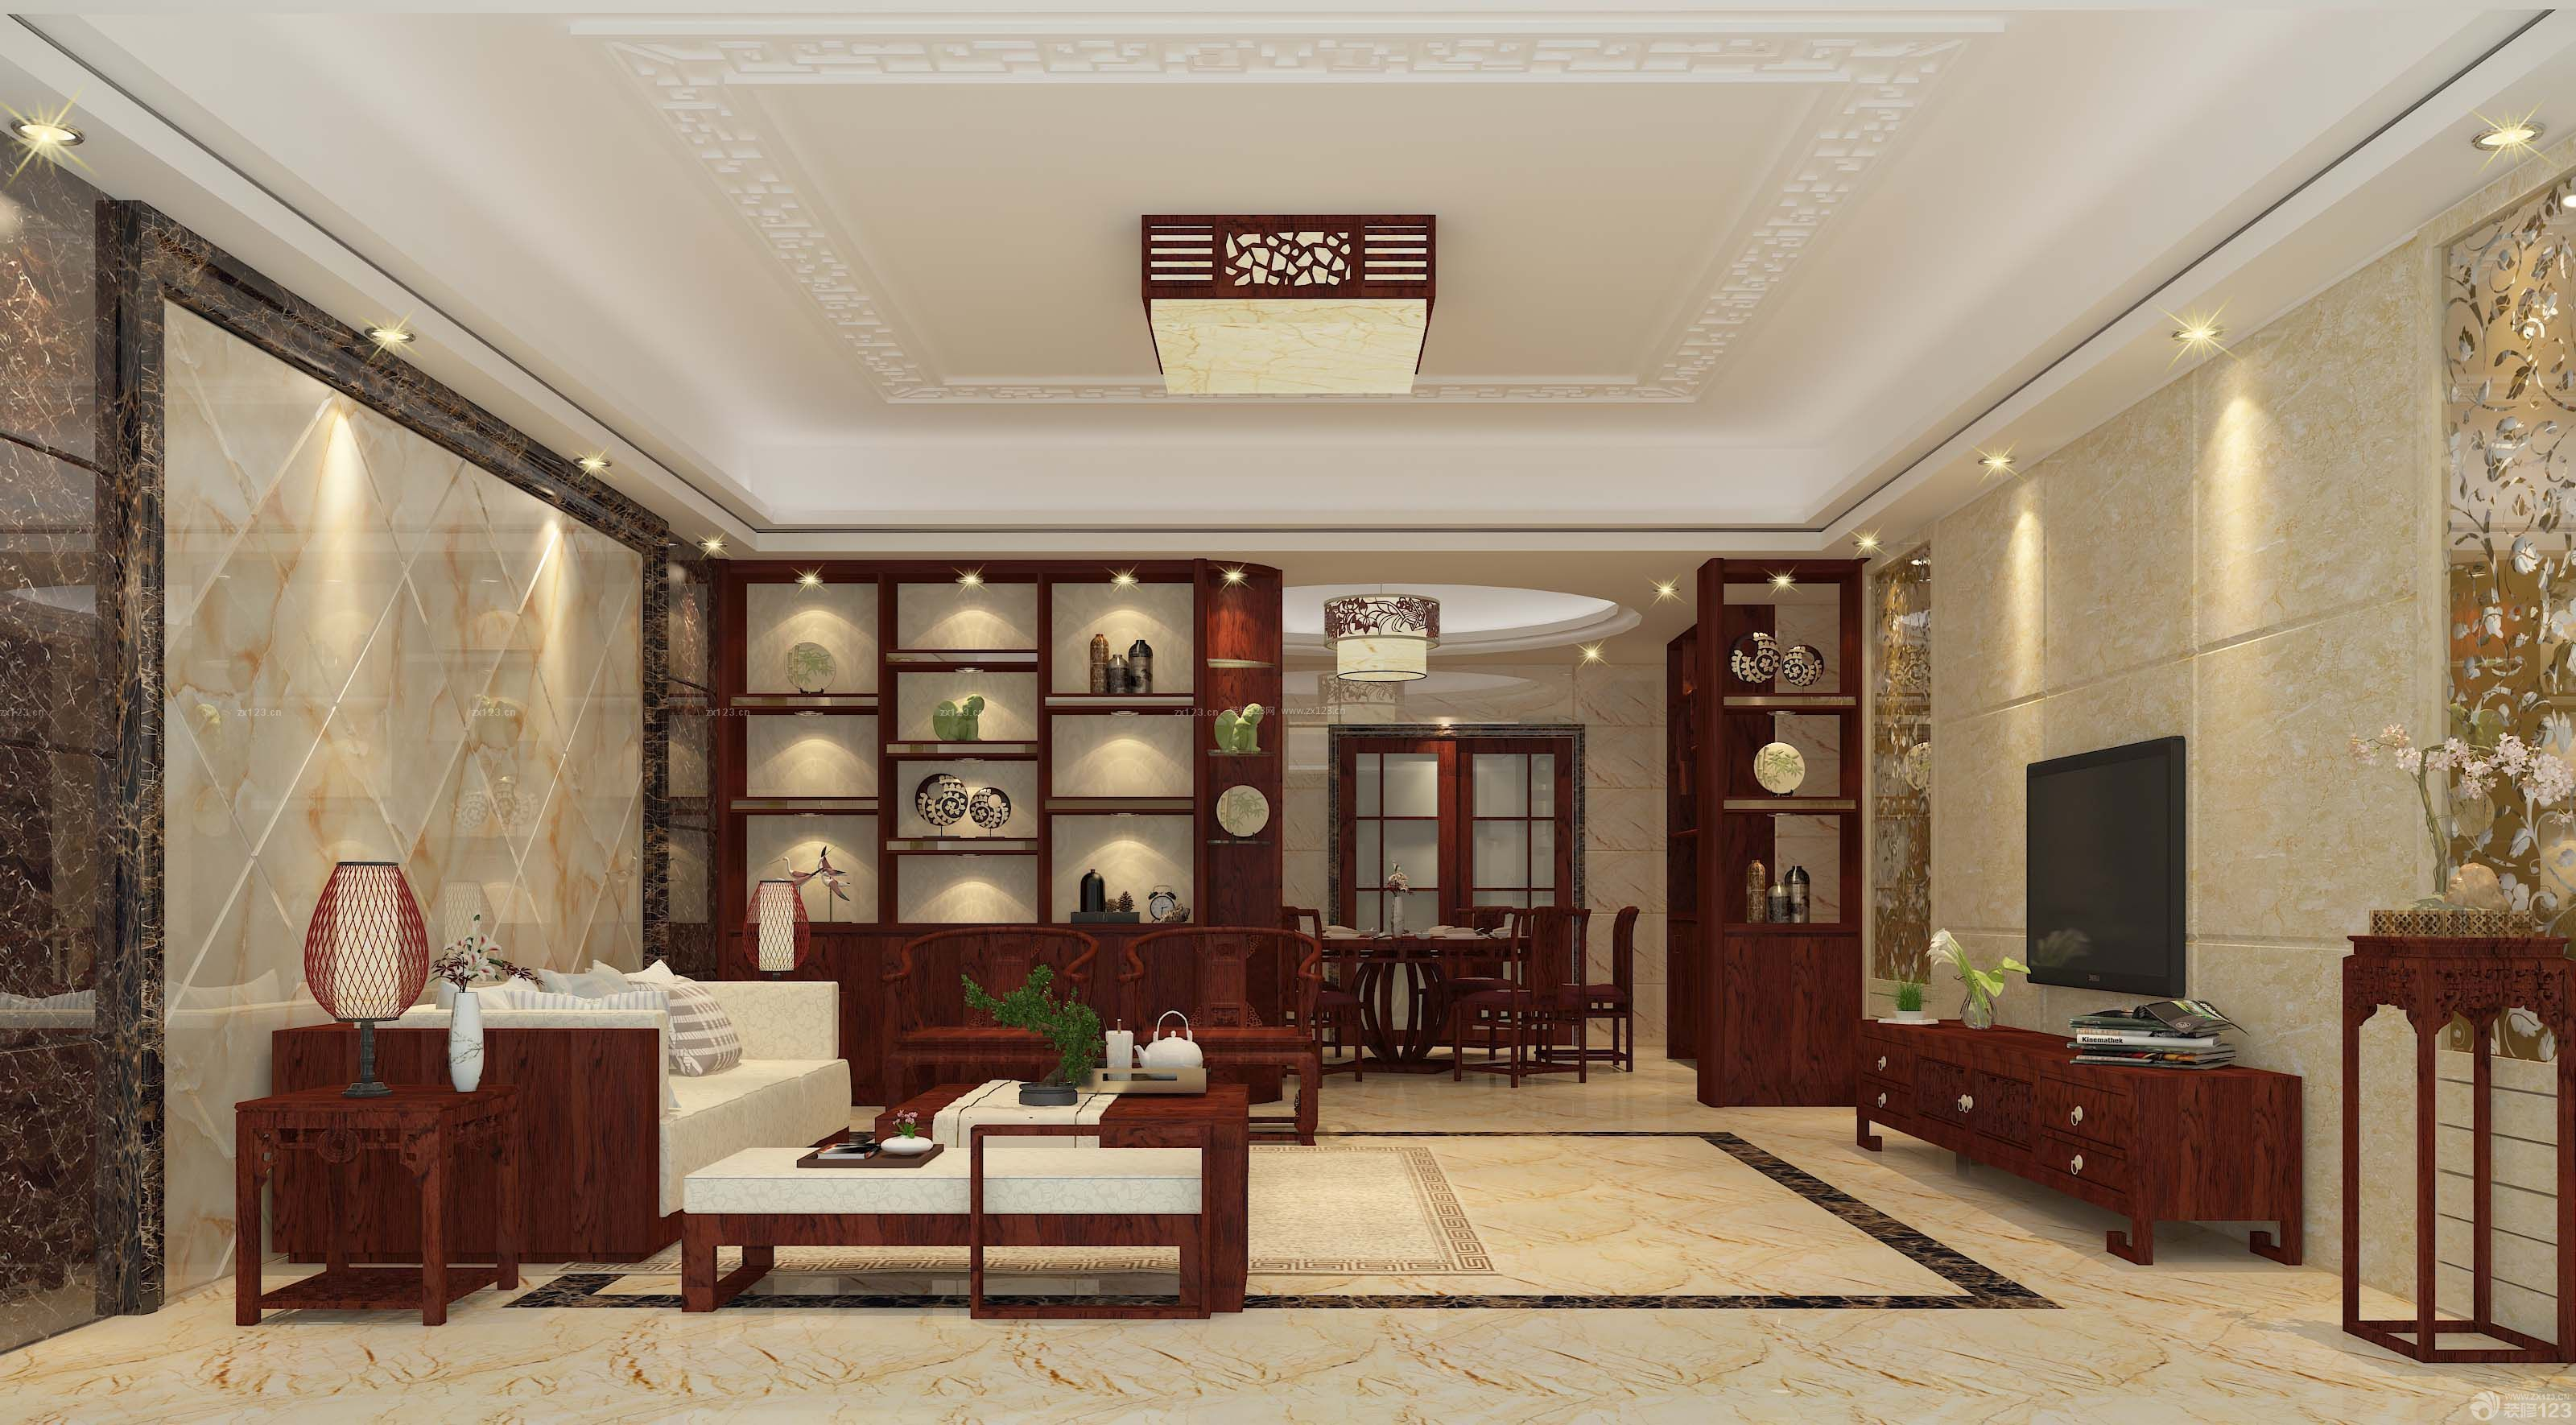 现代简约中式餐厅博古架隔断图片展示